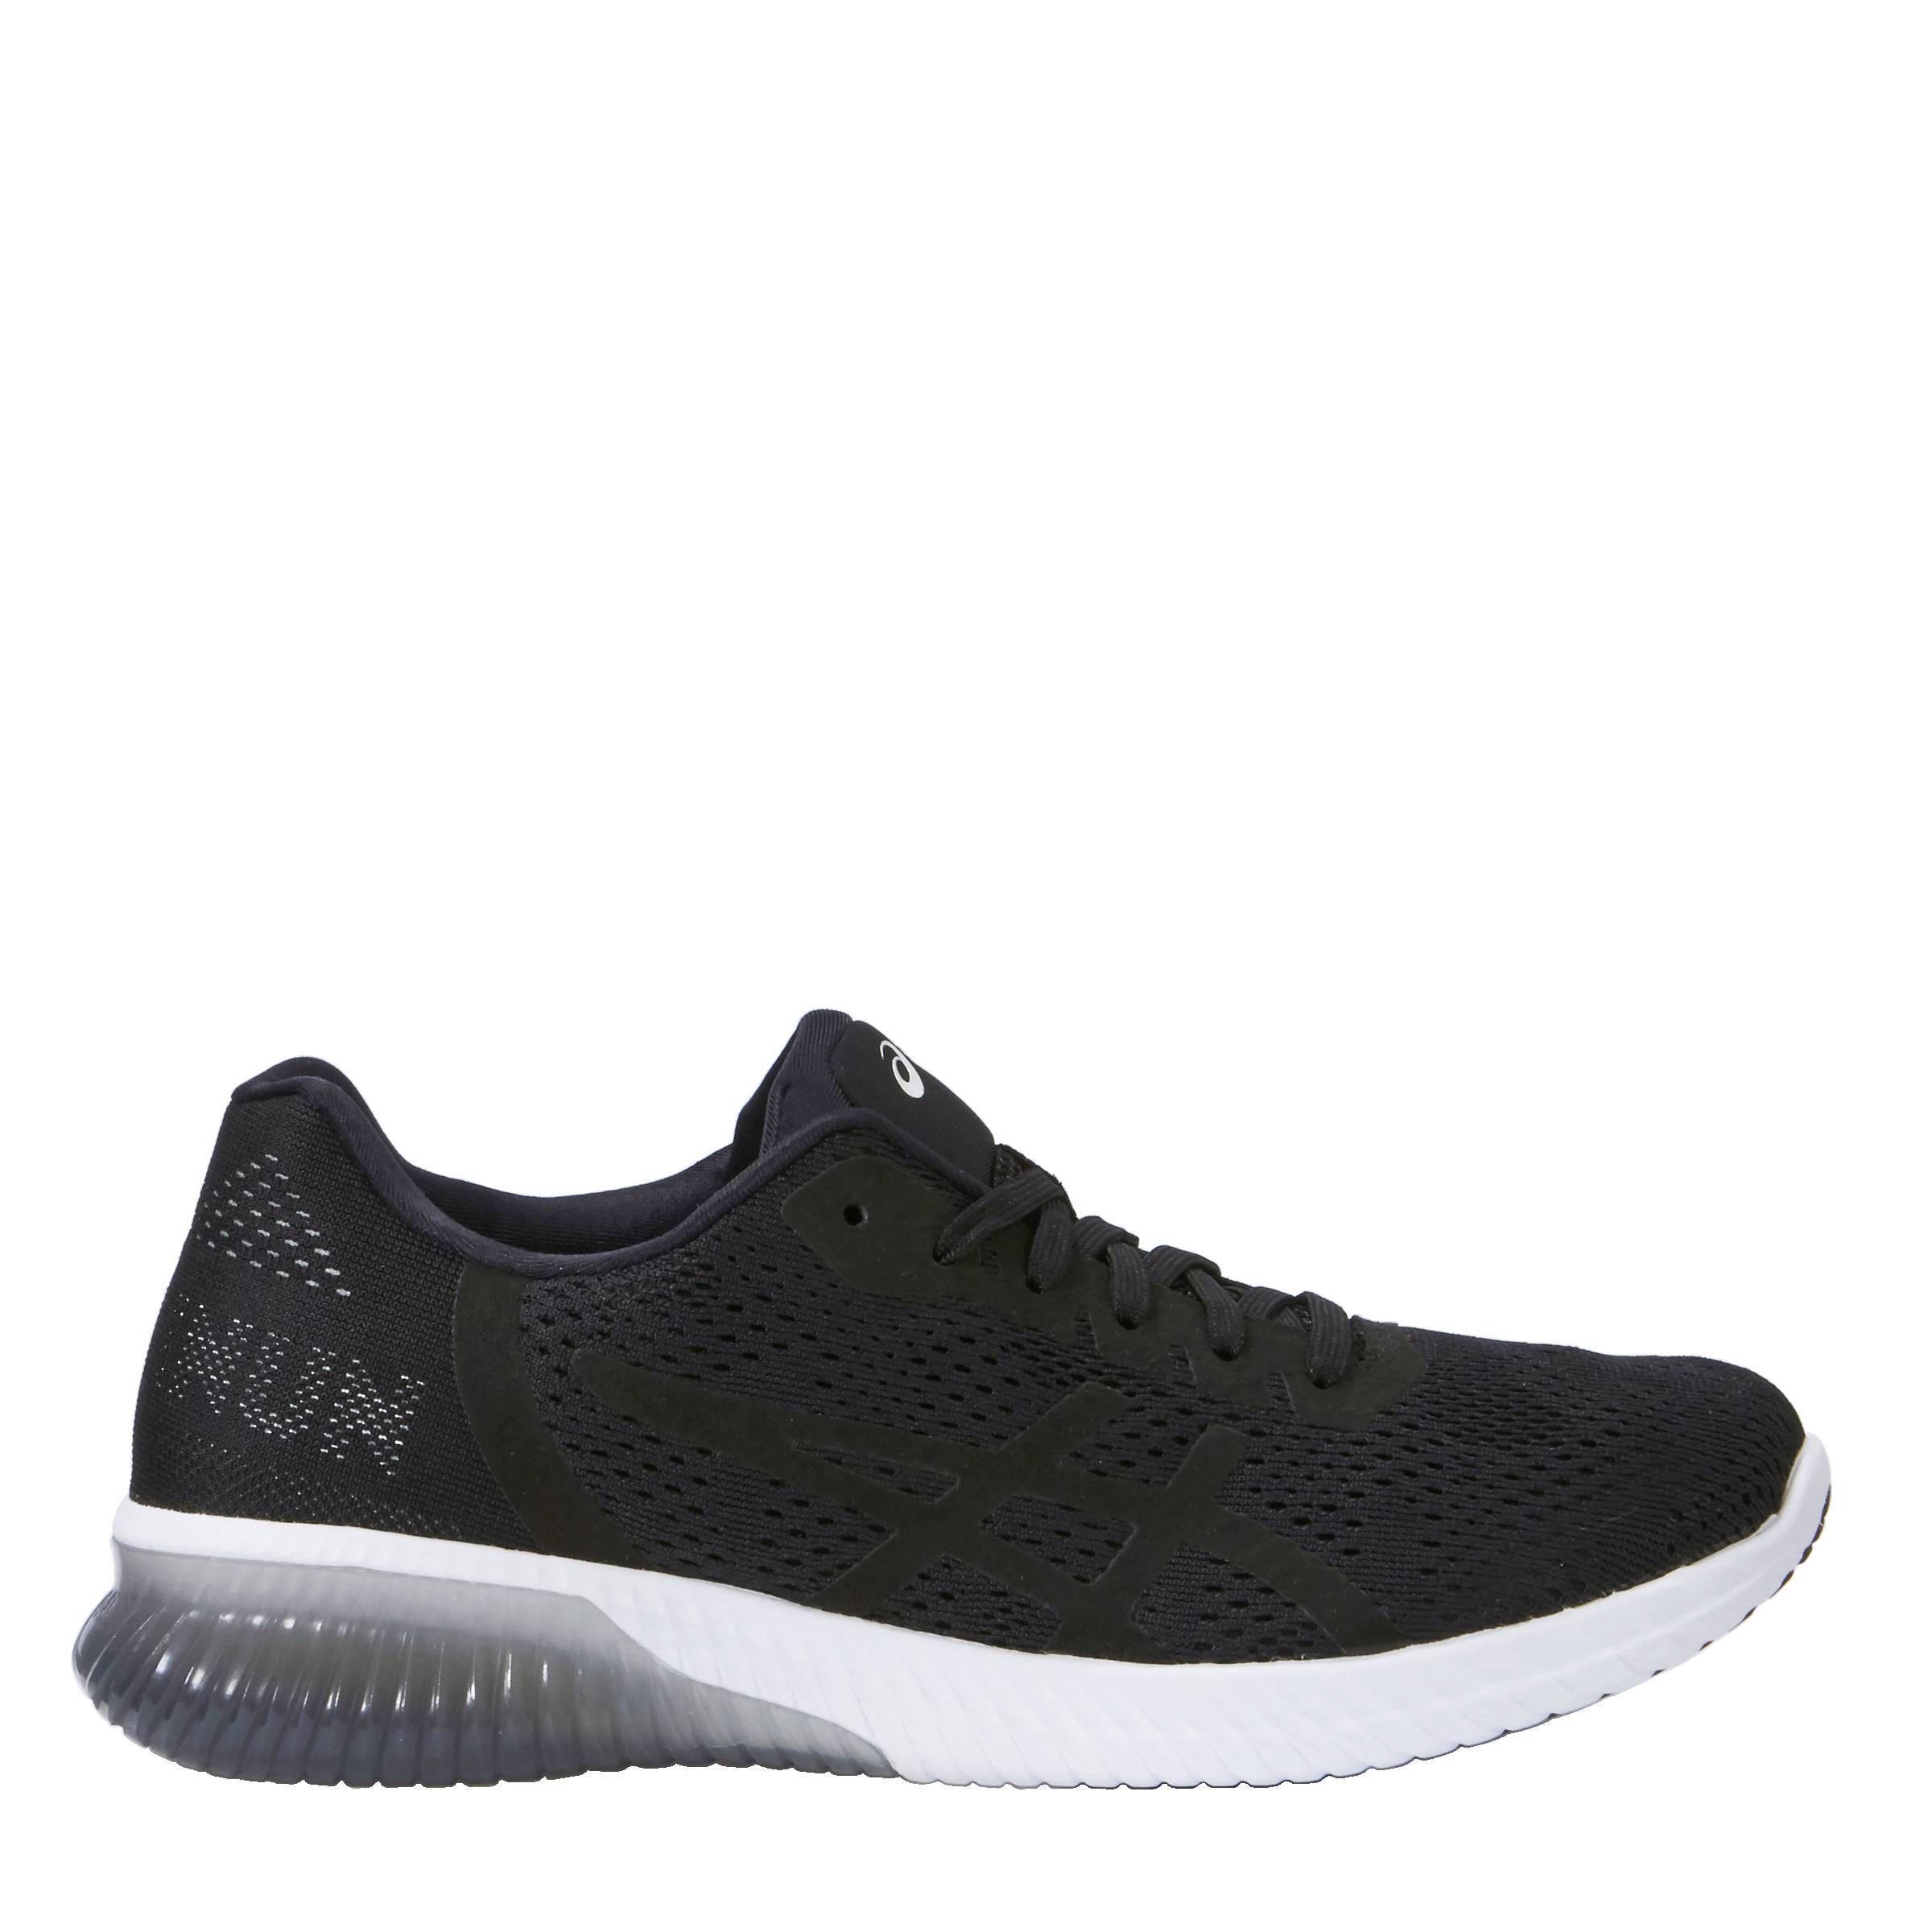 GEL KENUN MX sneakers